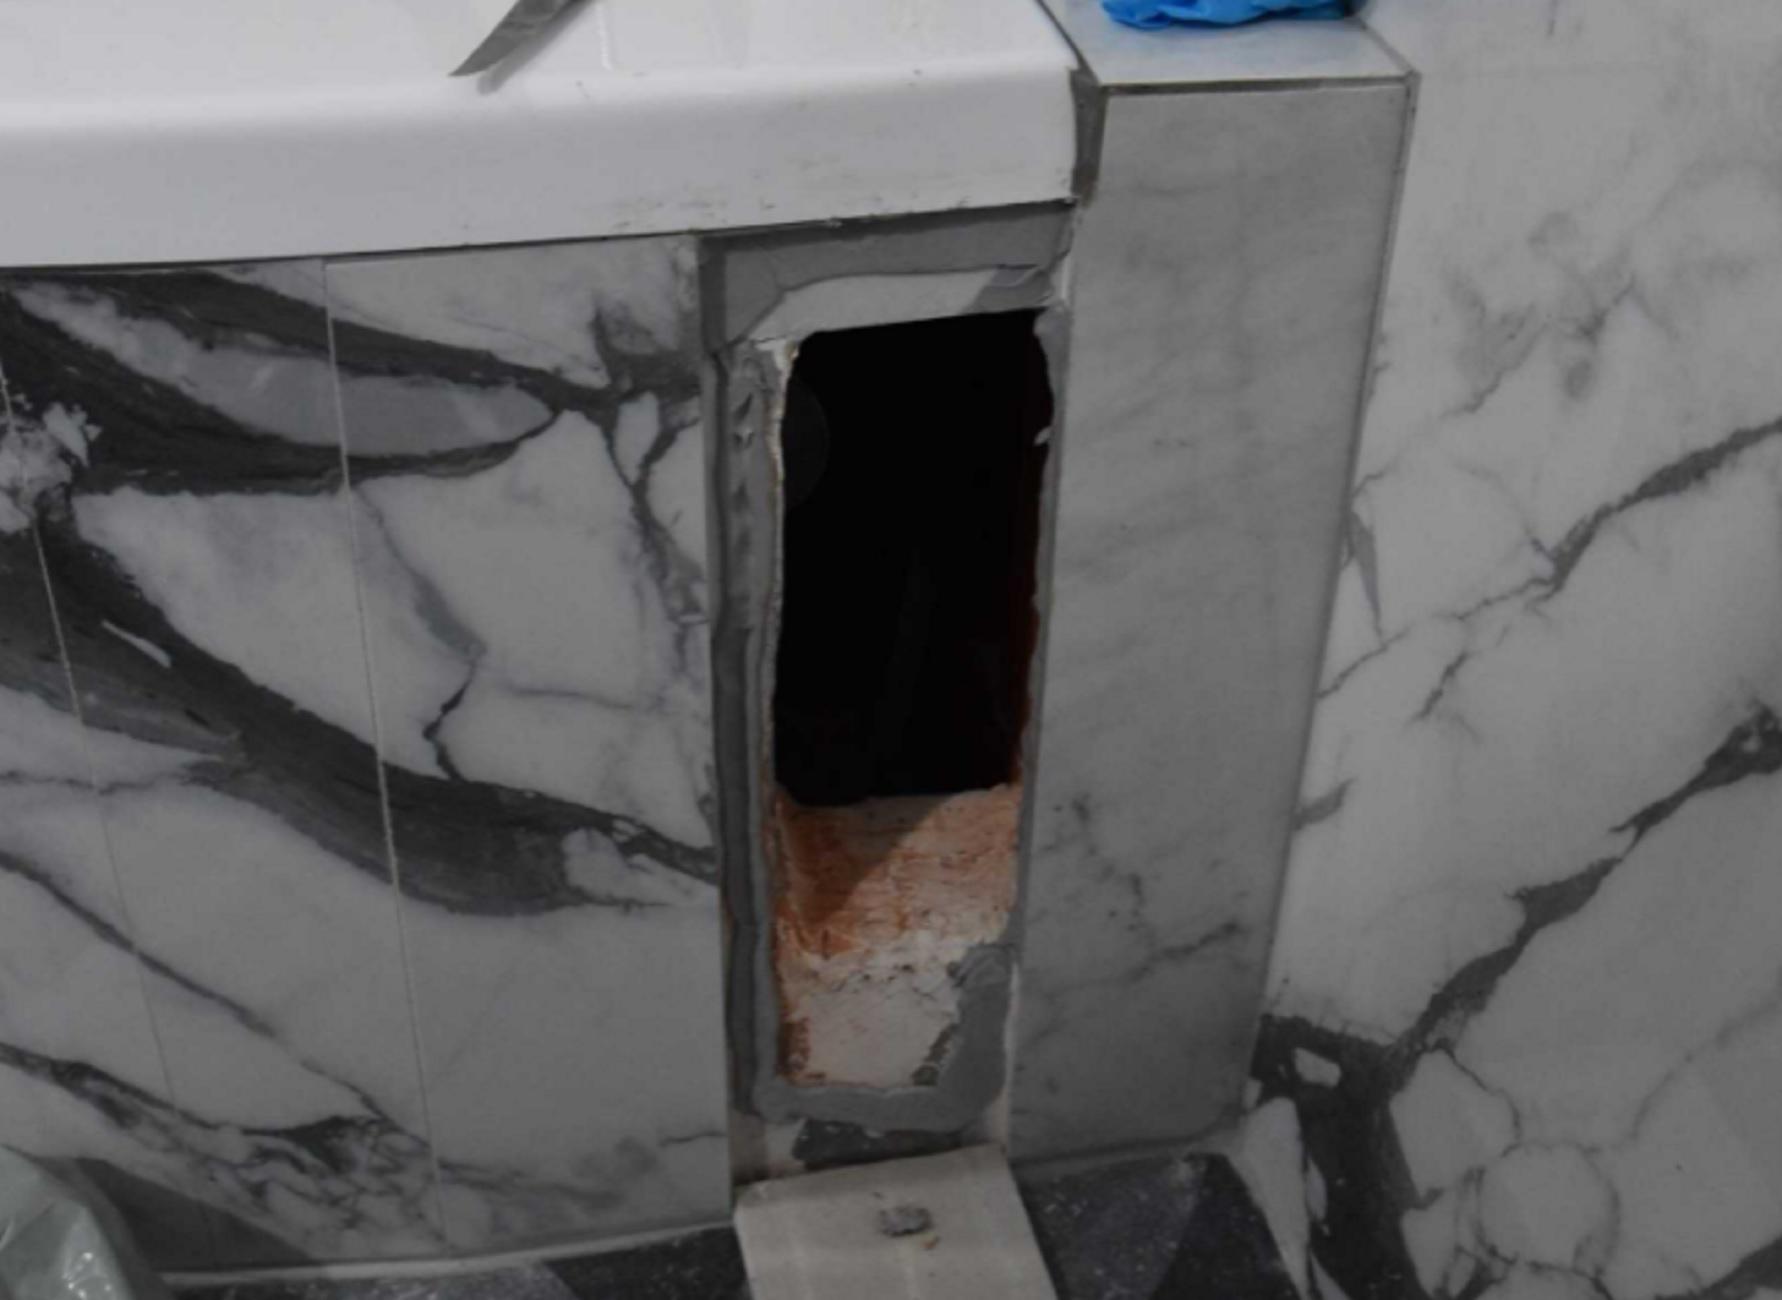 Κιλκίς: Η μπανιέρα είχε μια κρύπτη που δεν περίμενε κανείς – Απίθανες εικόνες μέσα στο σπίτι (pics, video)